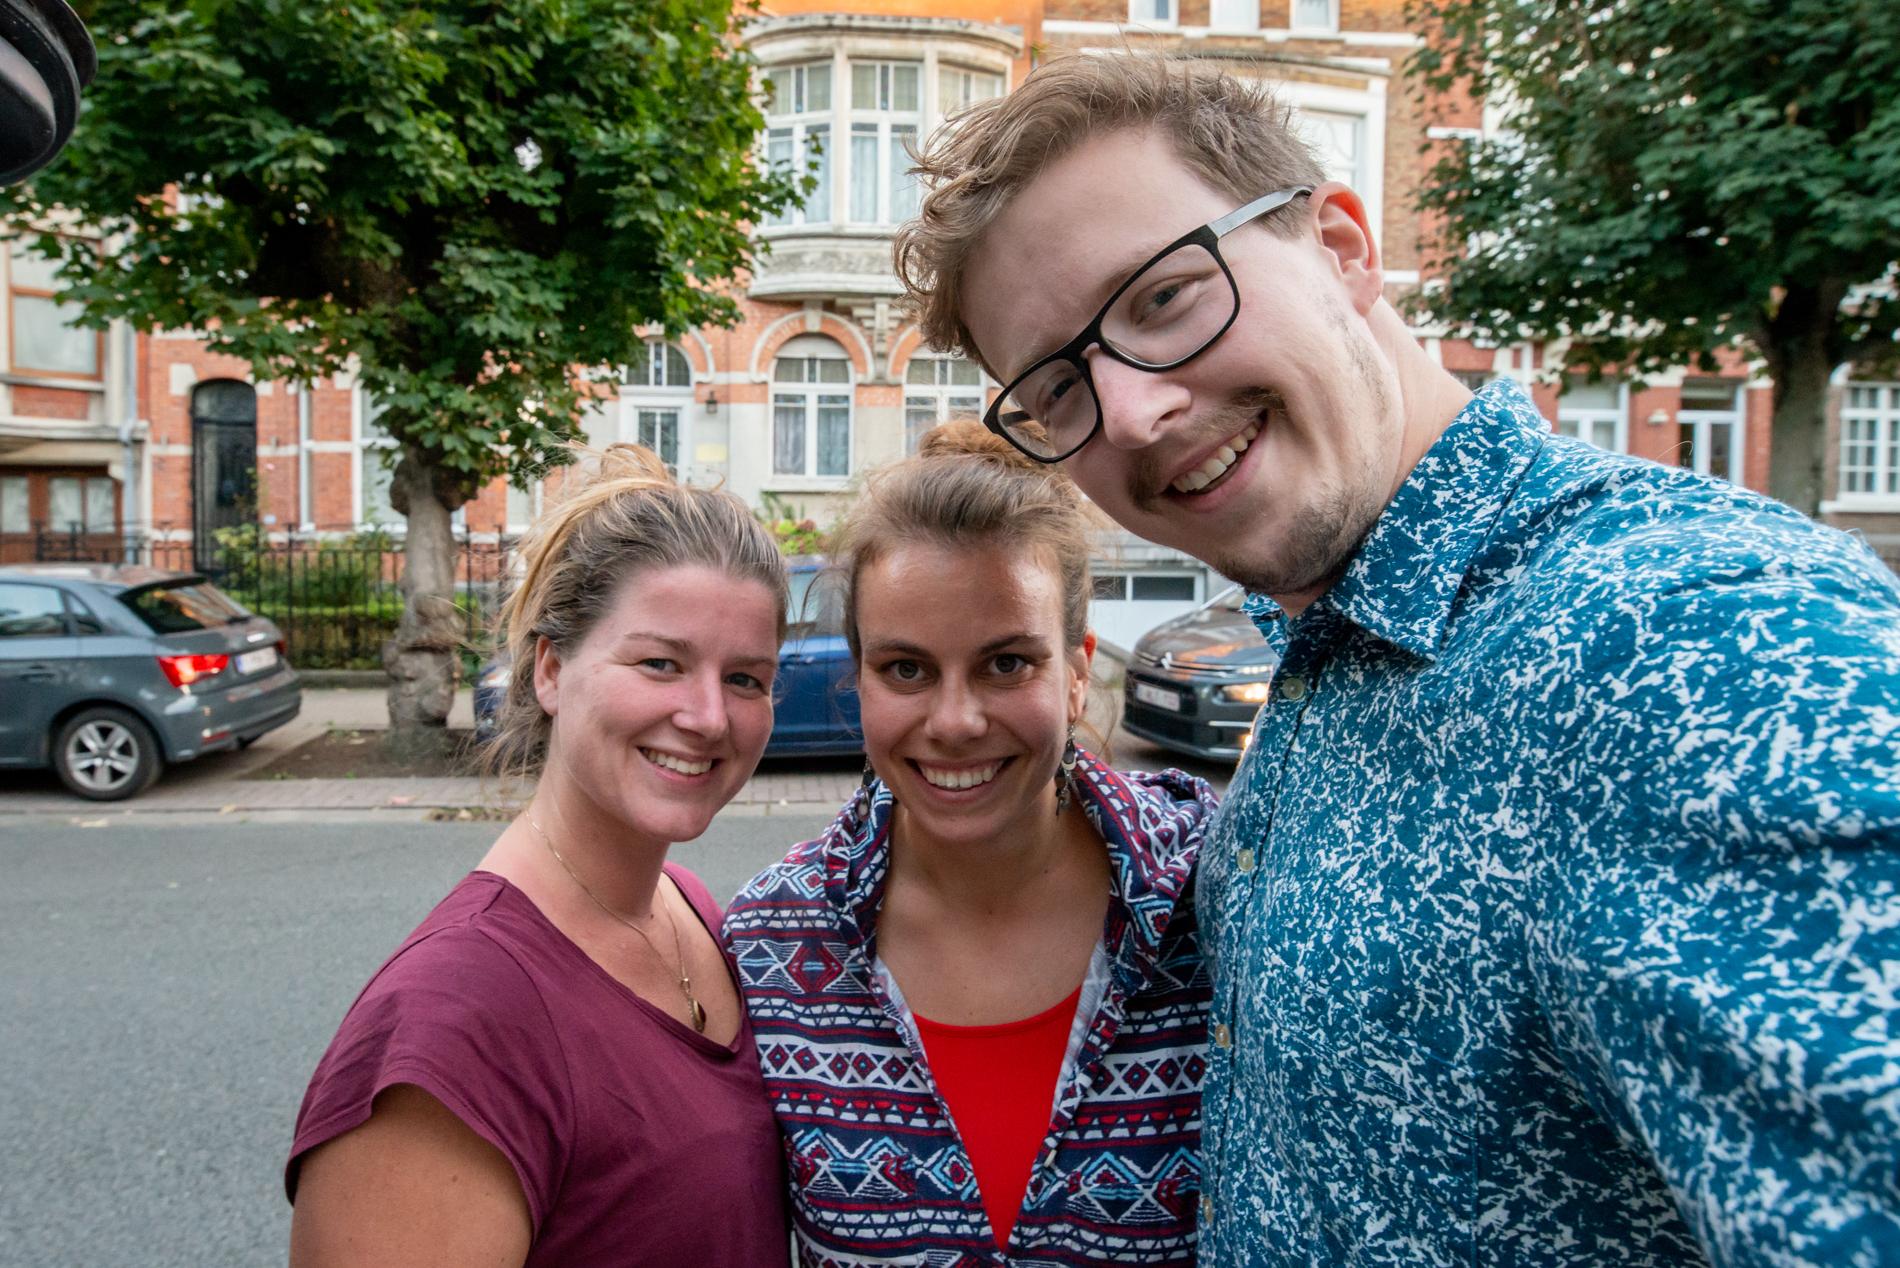 Ellis&me visiting their friend Moira in Brussels.